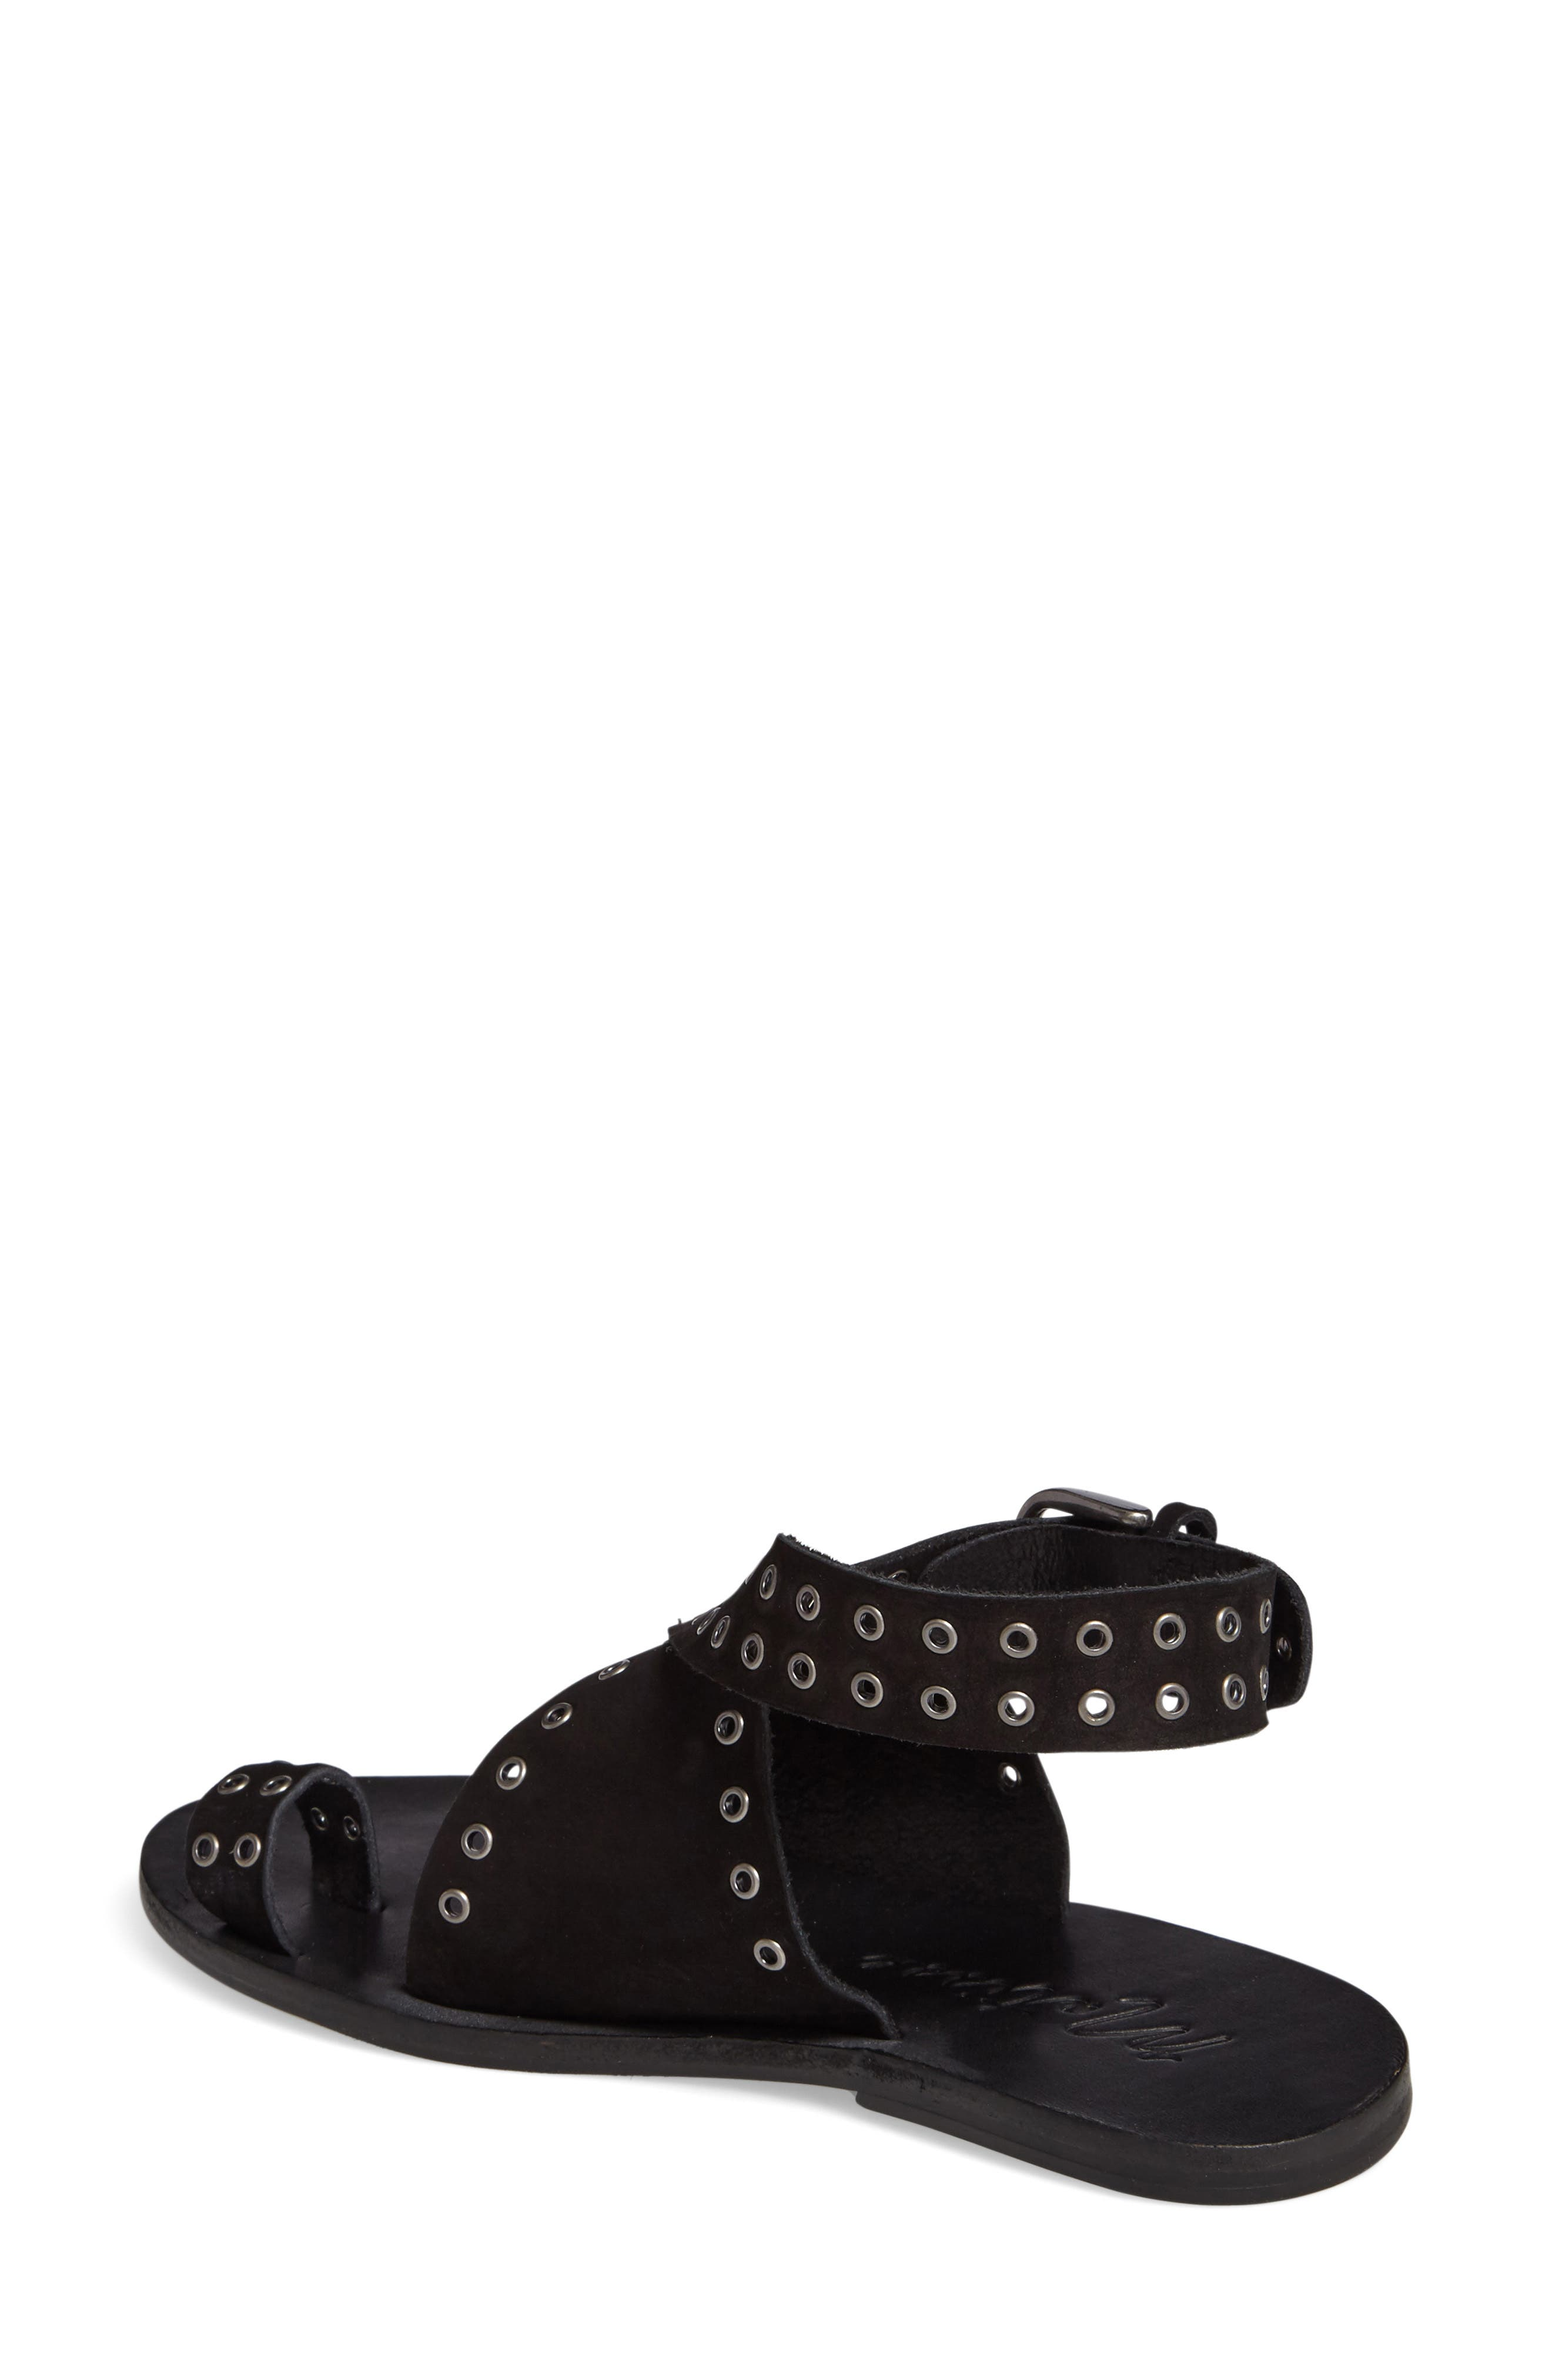 Starling Grommet Sandal,                             Alternate thumbnail 3, color,